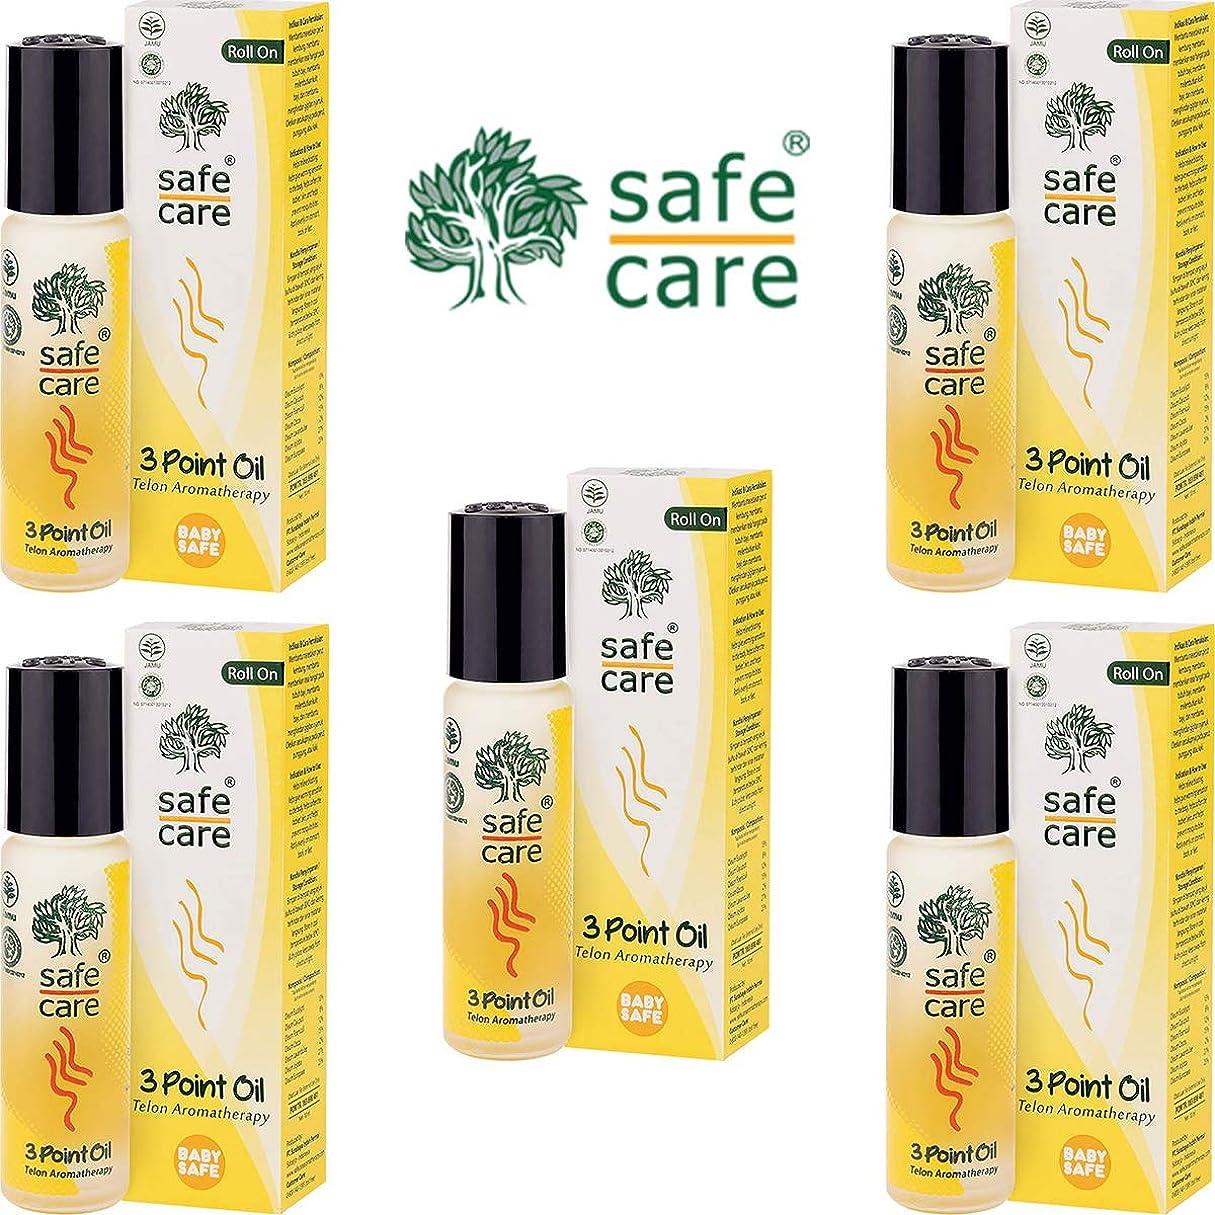 伝えるペース掃除Safe Care セーフケア Aromatherapy Telon 3Point Oil アロマテラピー リフレッシュオイル テロン3ポイントオイル ロールオン 10ml×5本セット [海外直送品]